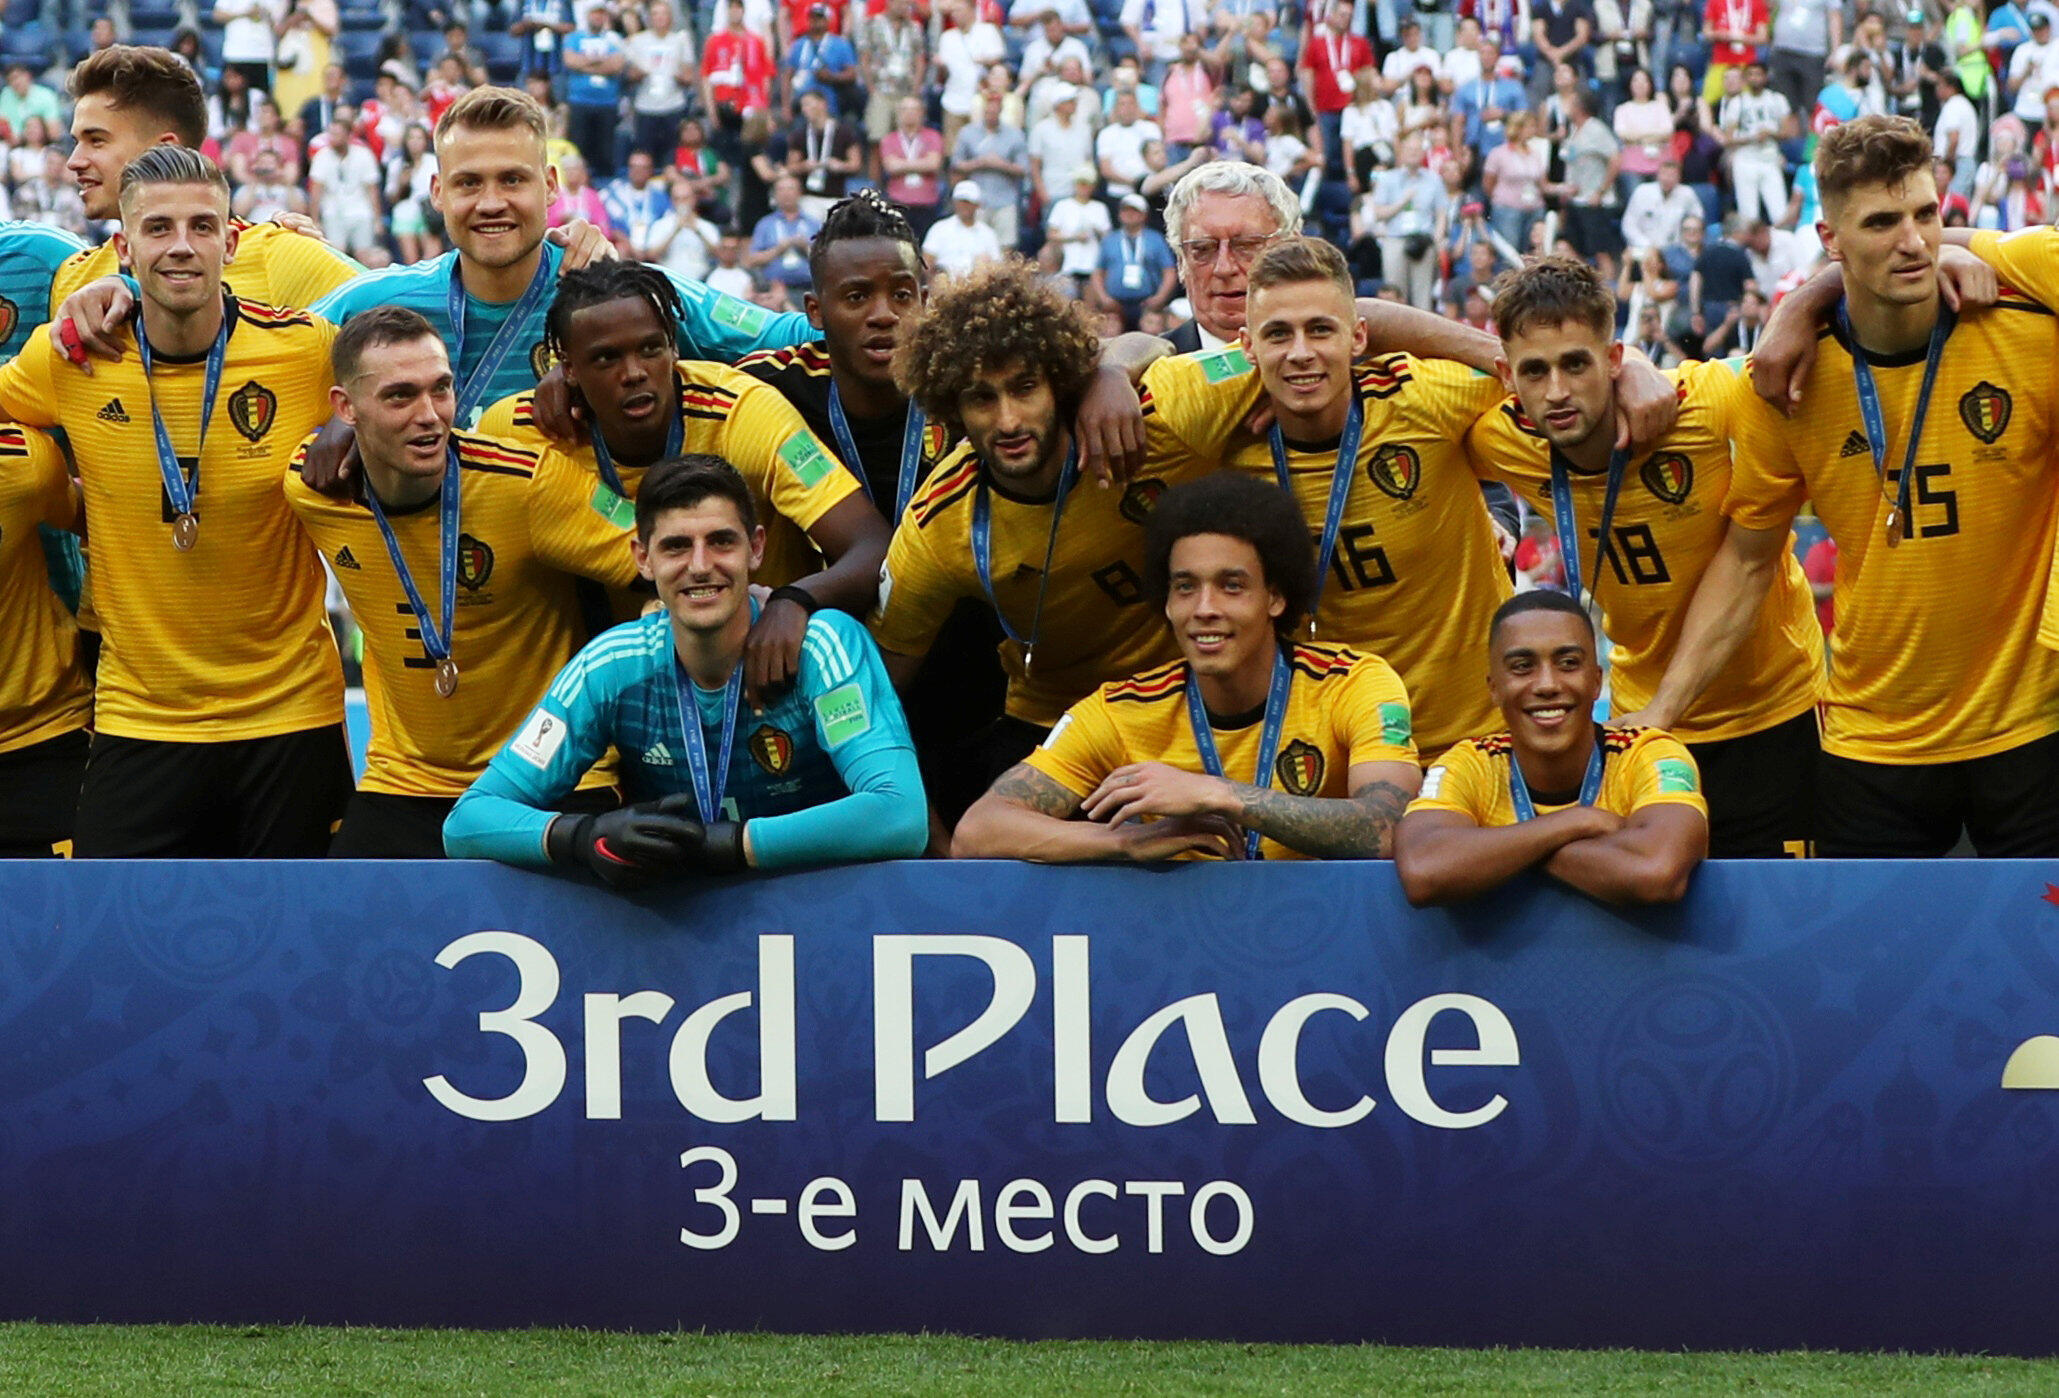 La selección de Bélgica le ganó a Inglaterra y se quedó con el tercer lugar en el Mundial 2018.